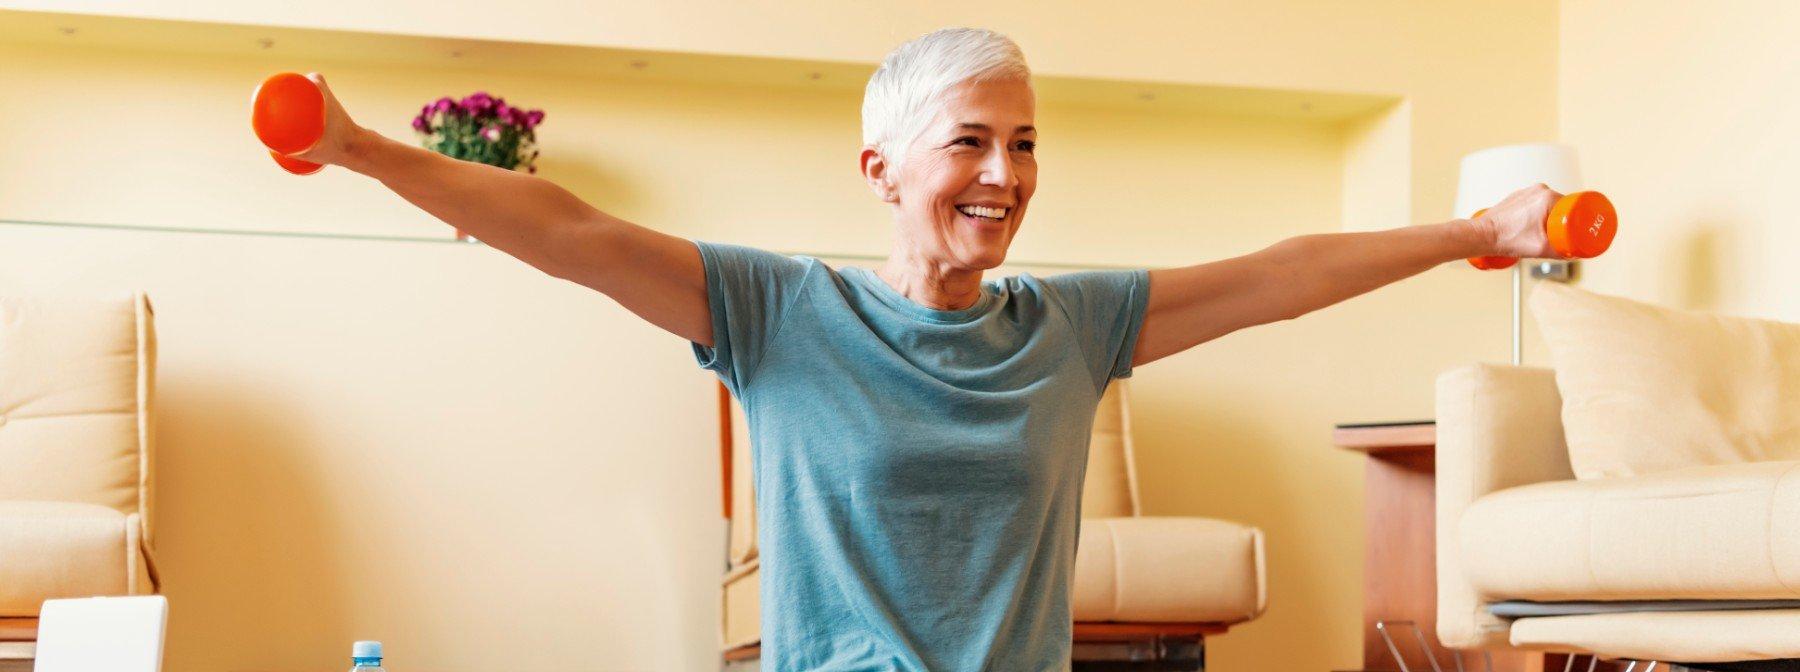 Le Régime Alimentaire Et L'entraînement Doivent-Ils Changer Avec L'âge ?